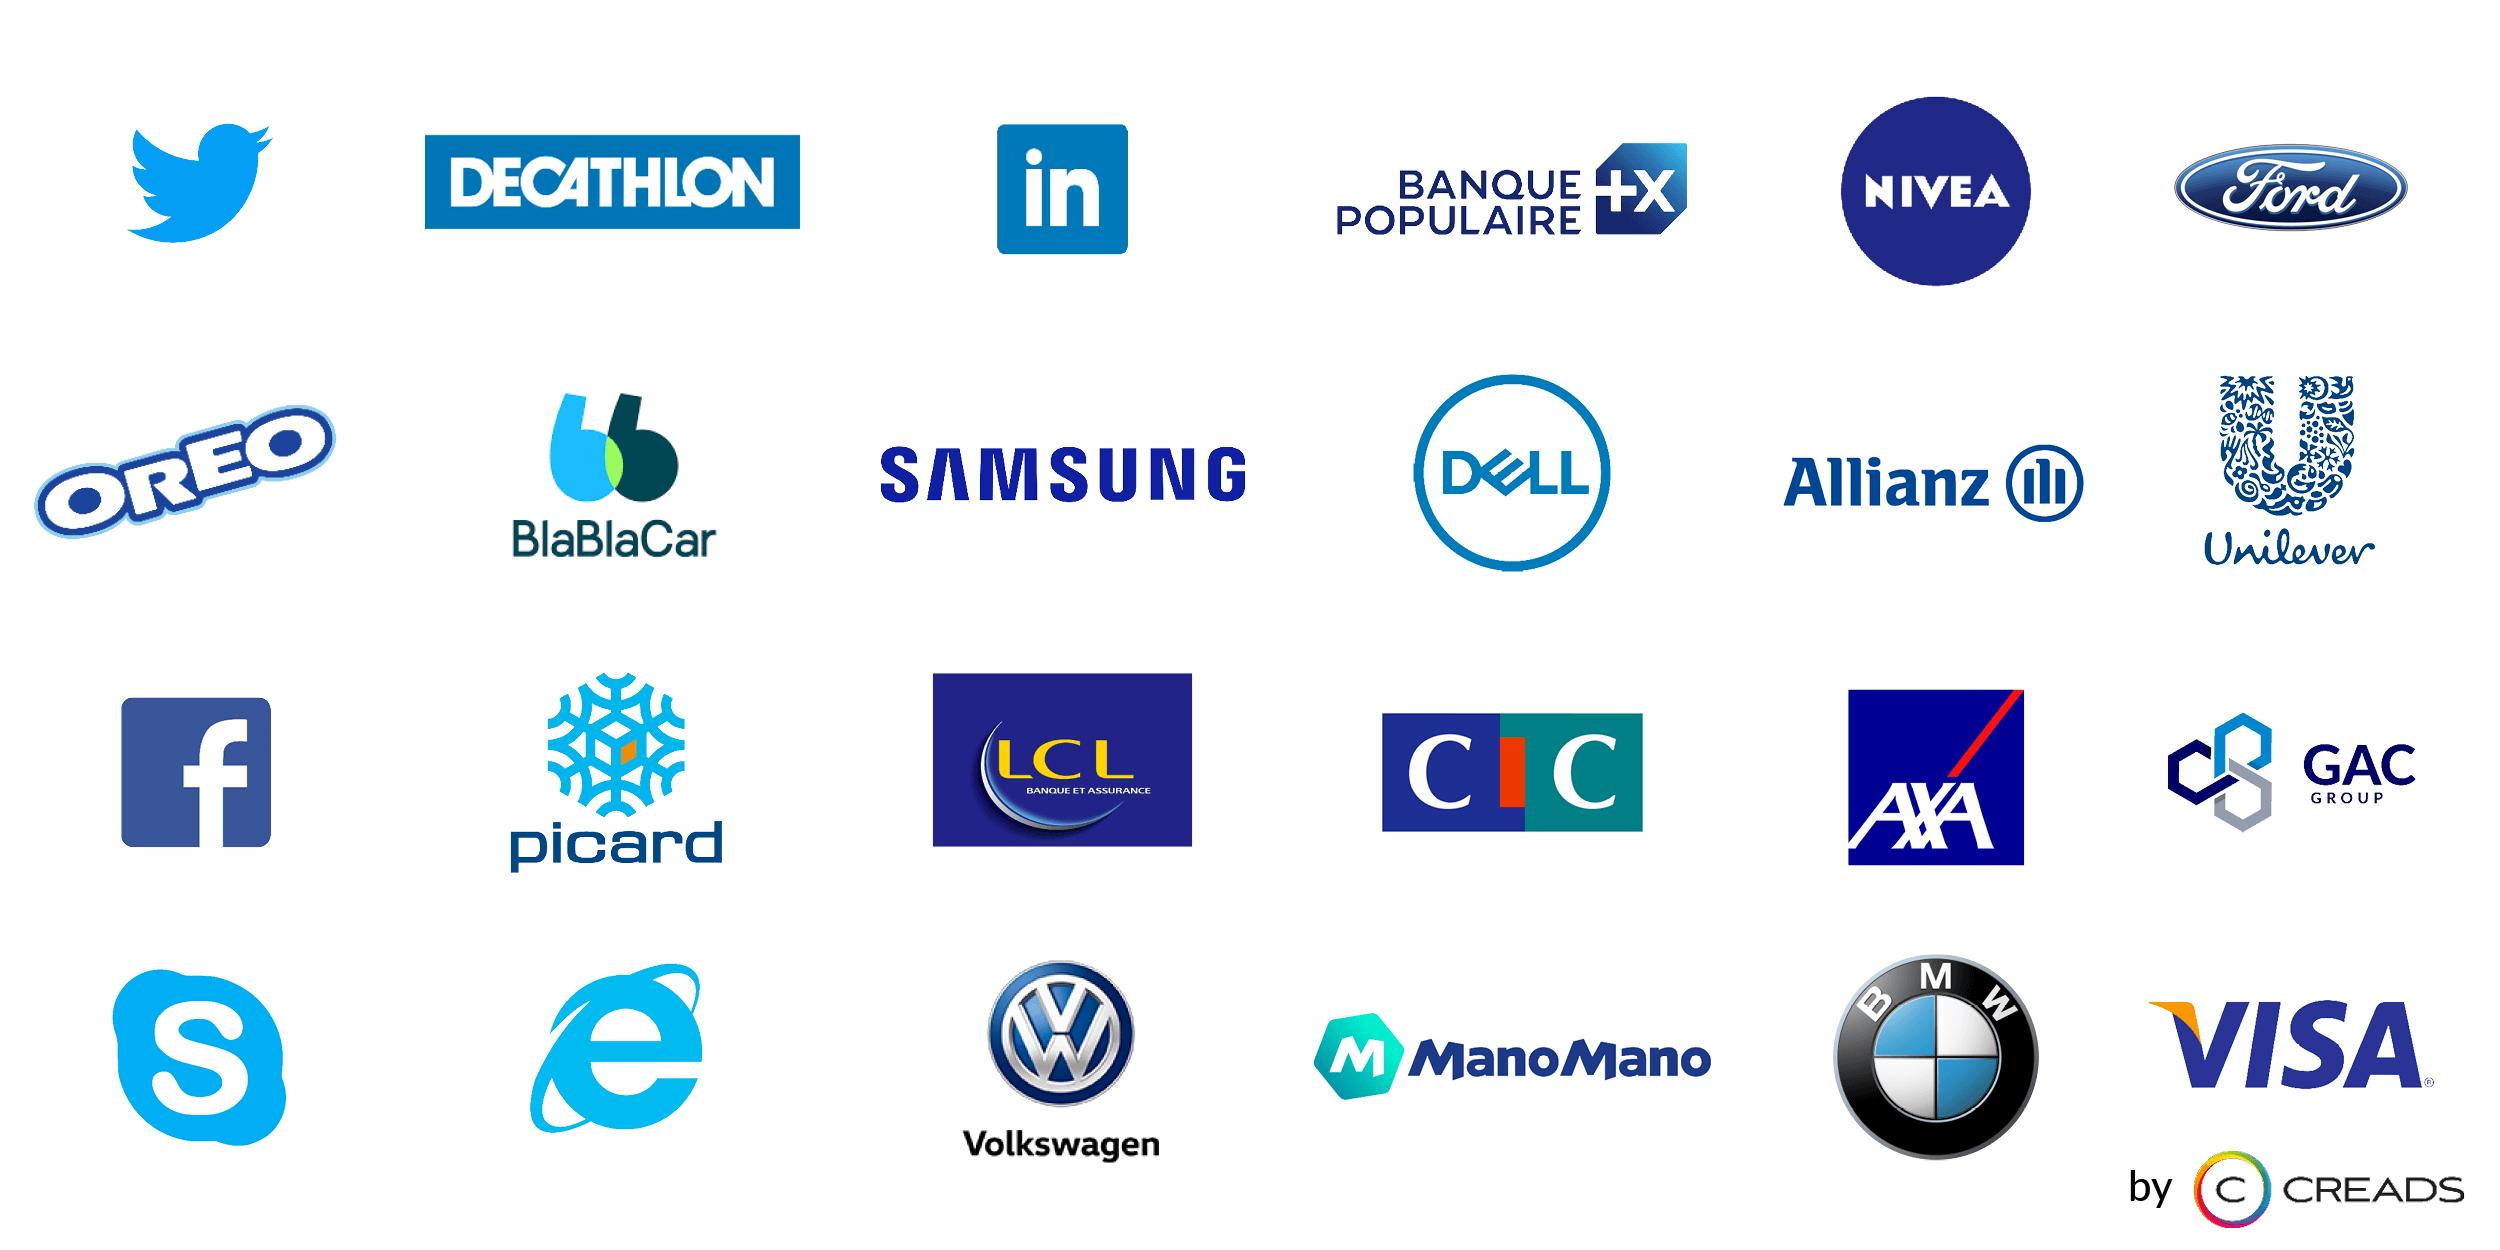 logos bleu agence creads